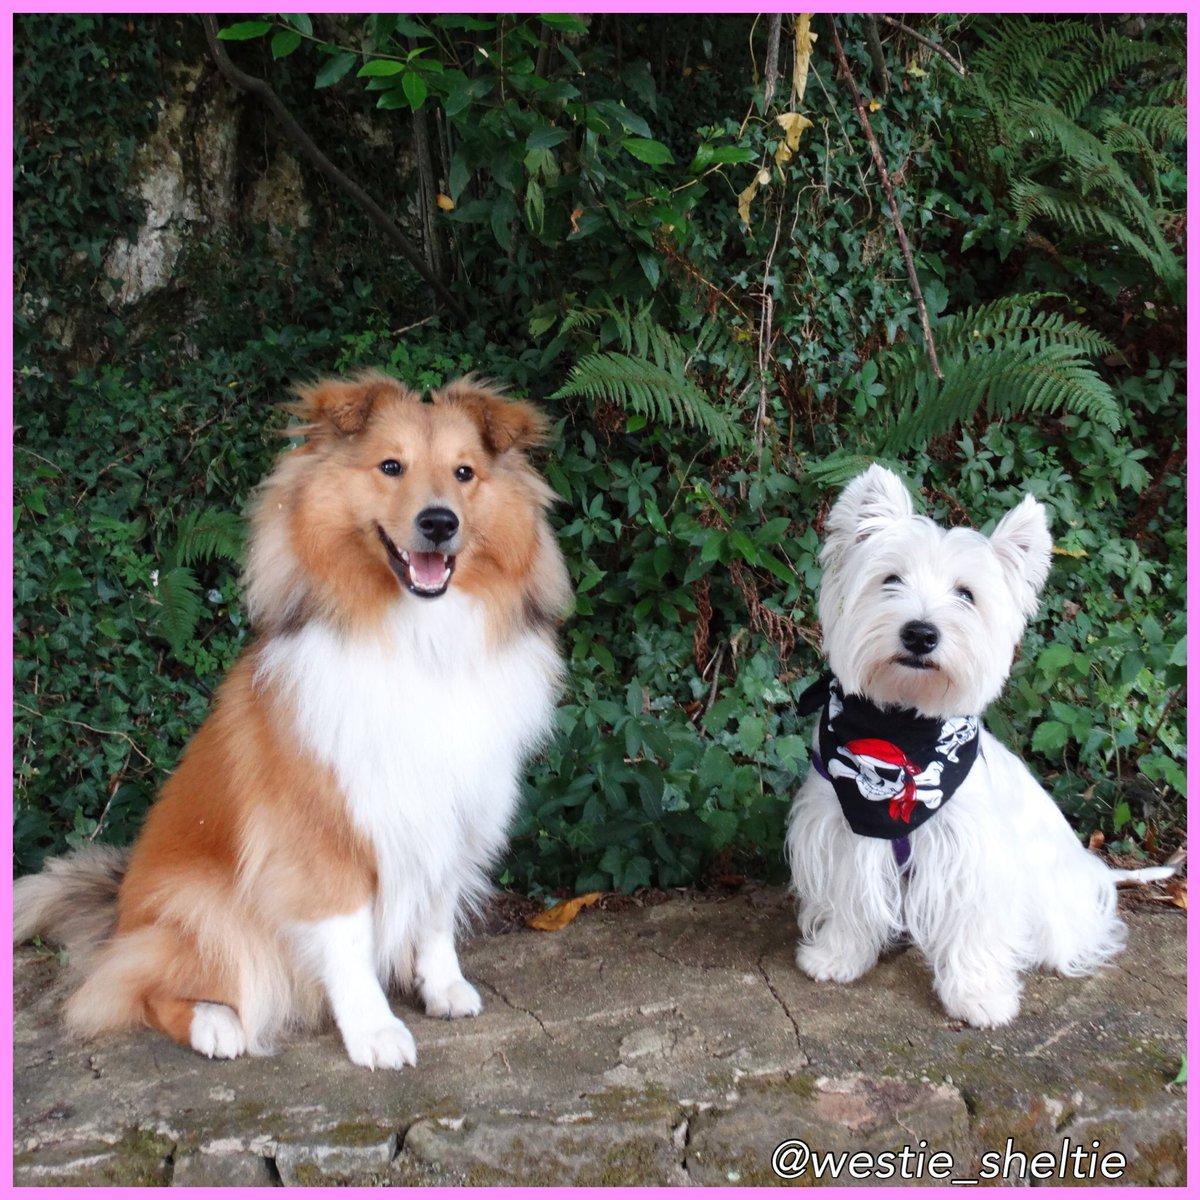 En Asturias, que recuerdos!! Cuando volvemos?! #asturias #vacaciones #shetland #westie #dogs #happy<br>http://pic.twitter.com/qdNyT8rkIs